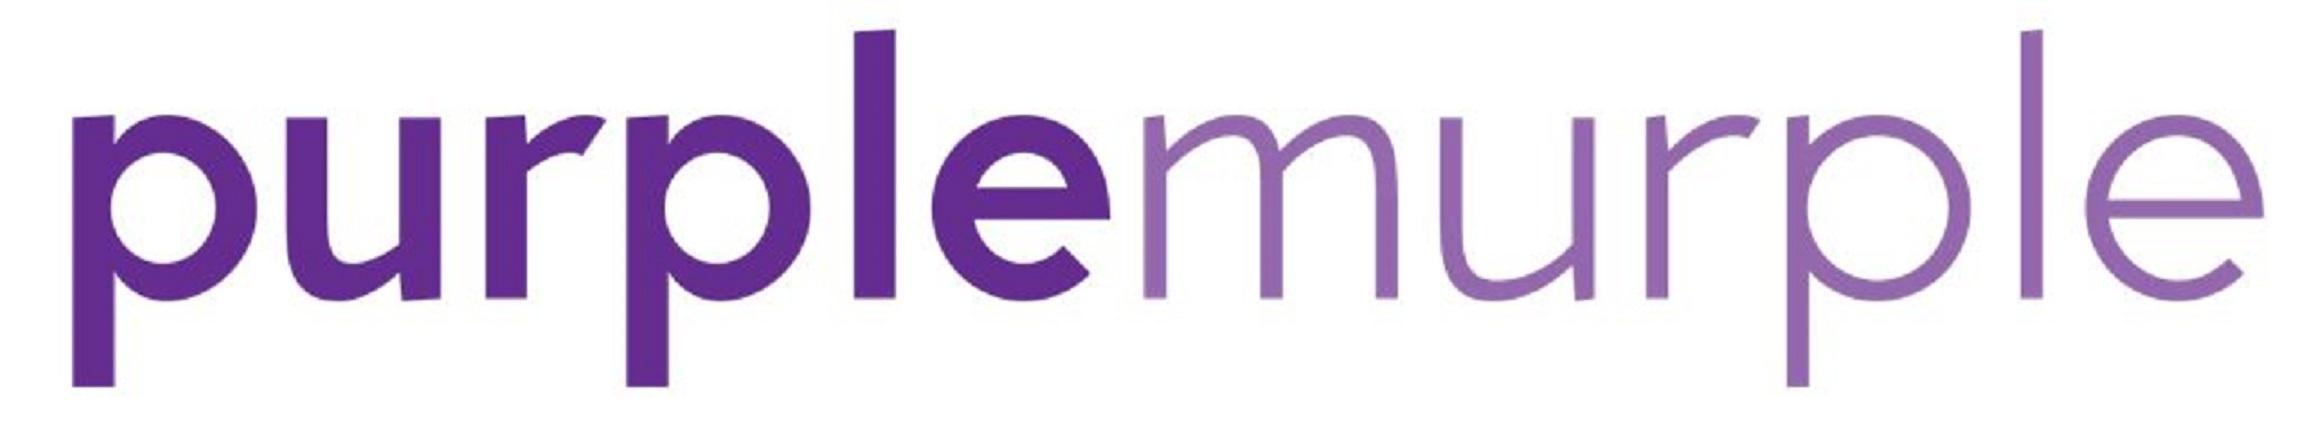 Purplemurple Vileda'nın yeni sosyal medya ajansı